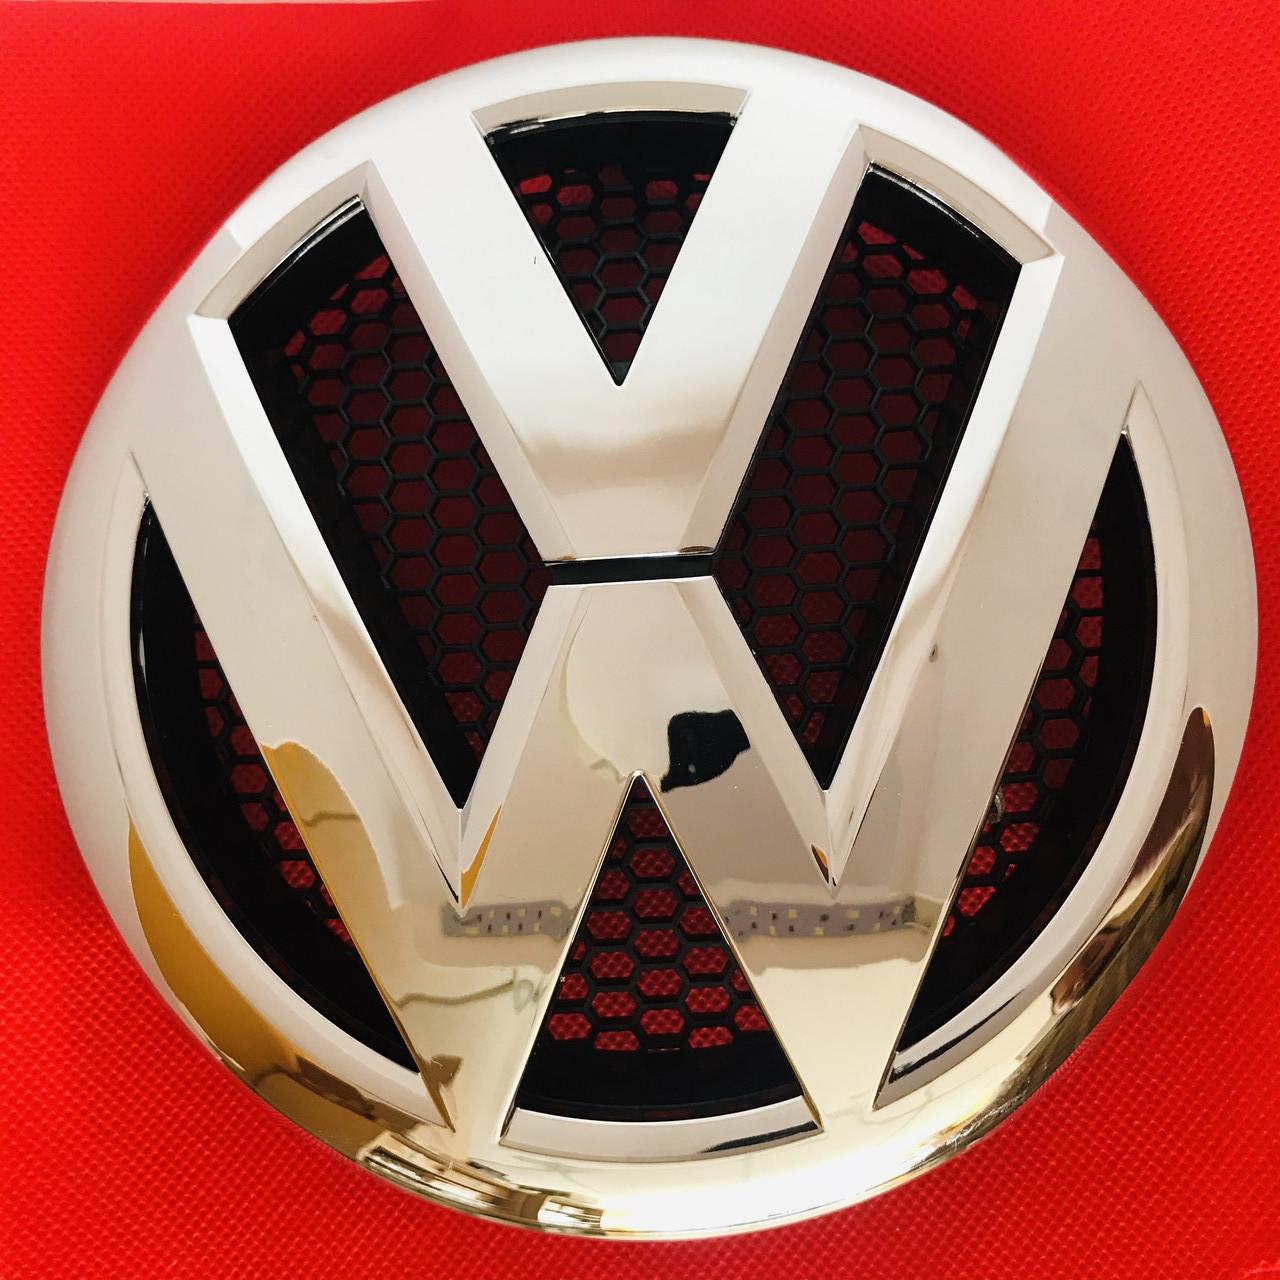 Эмблема передняя Volkswagen Фольксваген  VW T5 Transporter 2010-2016 на решетку радиатора , 7E0 853 601